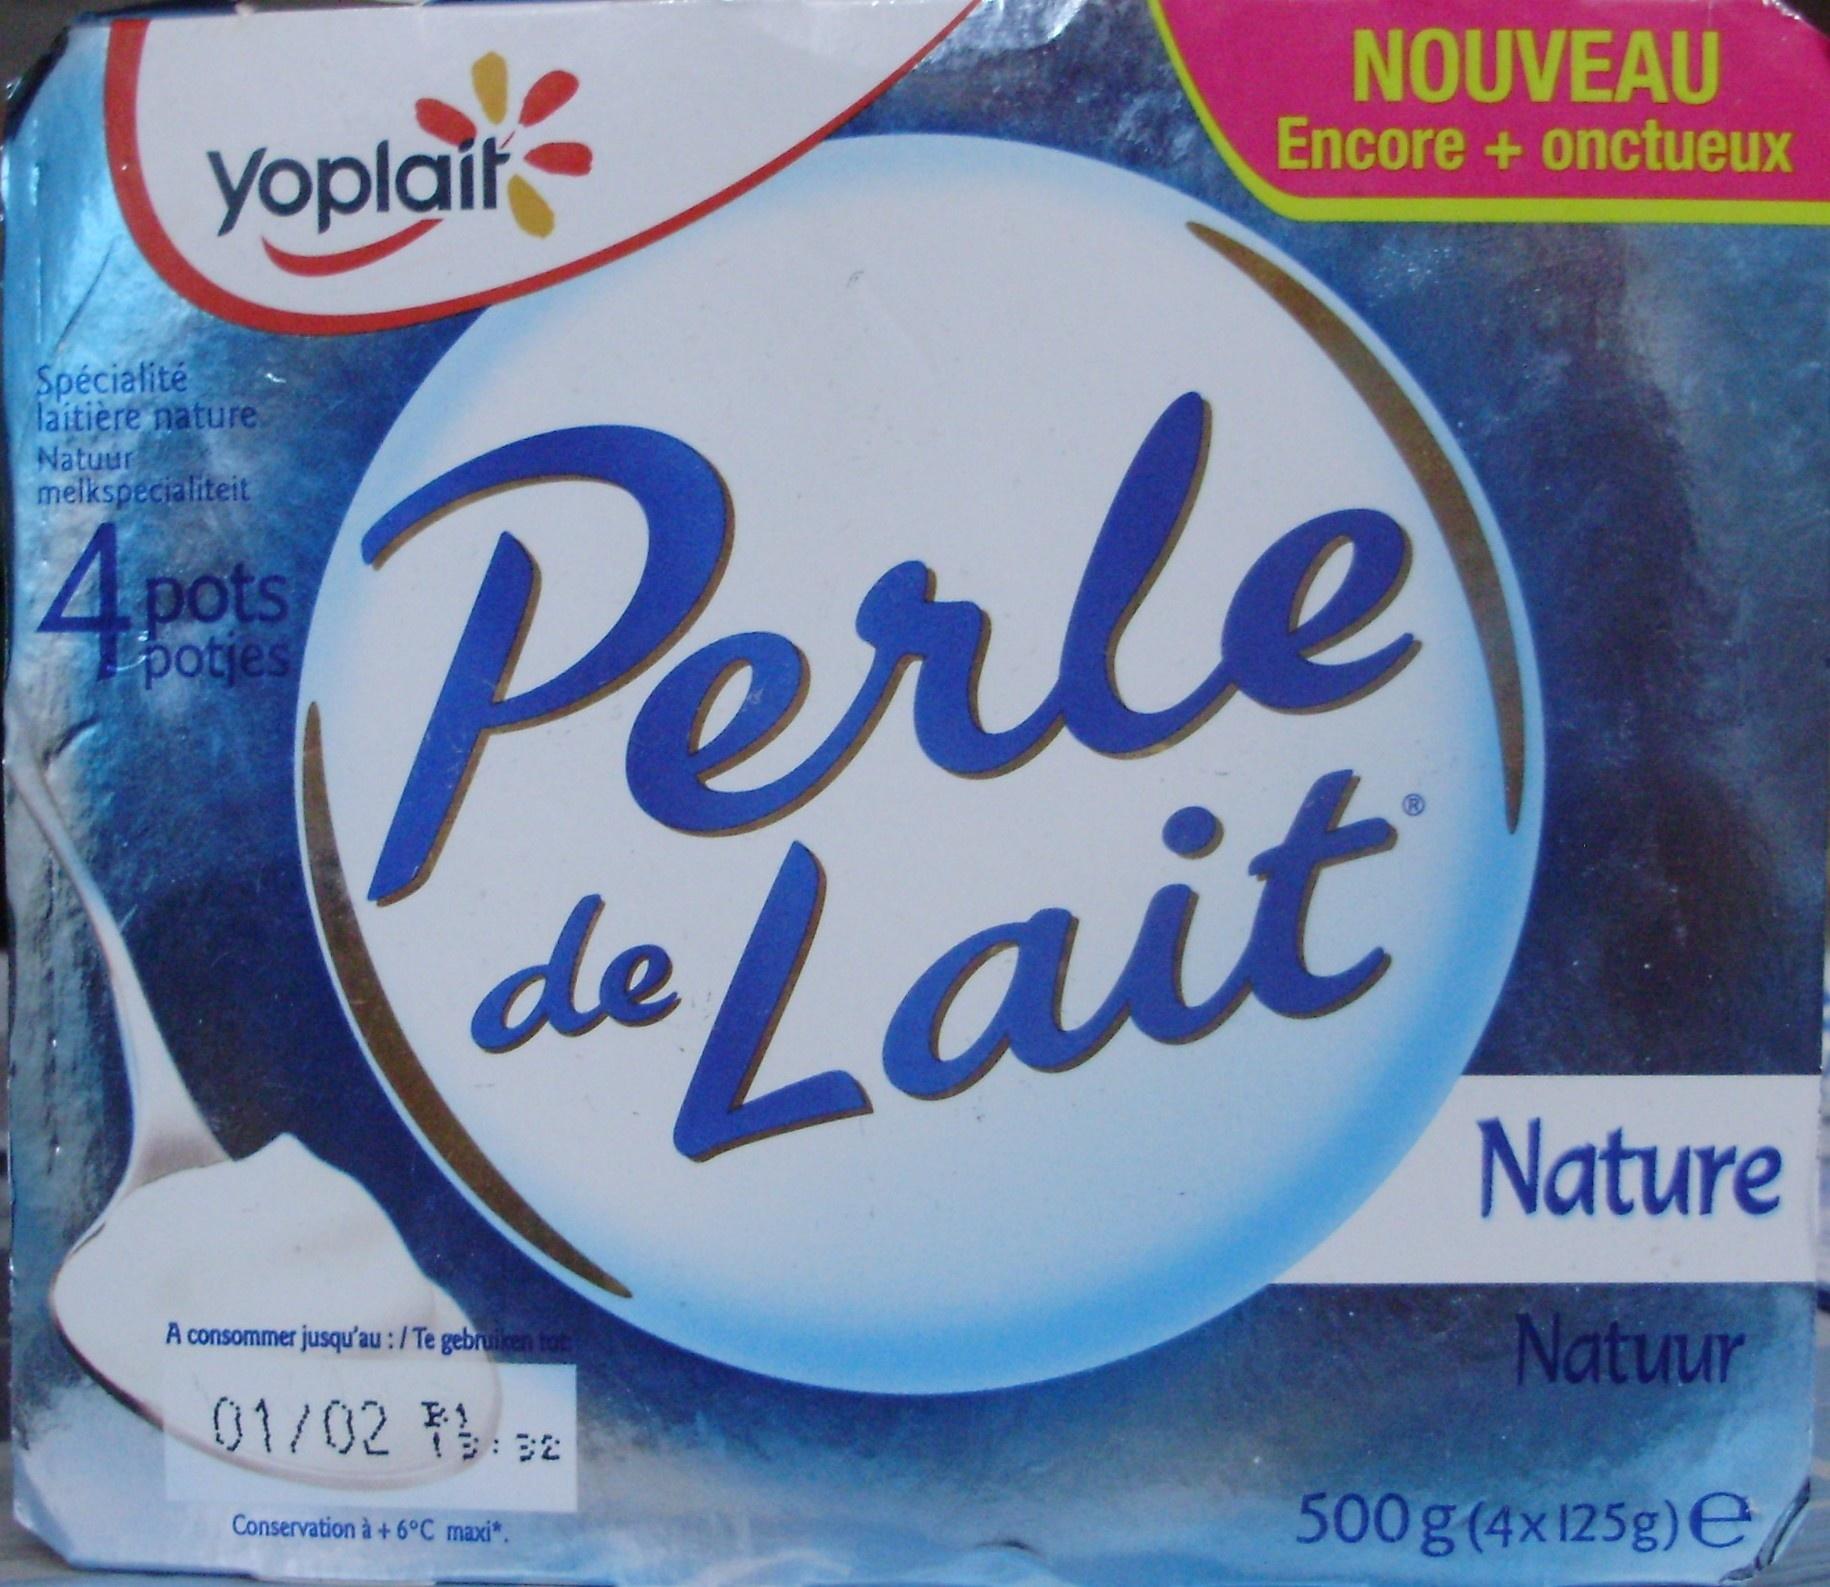 Perle de Lait (Nature) 4 Pots - Product